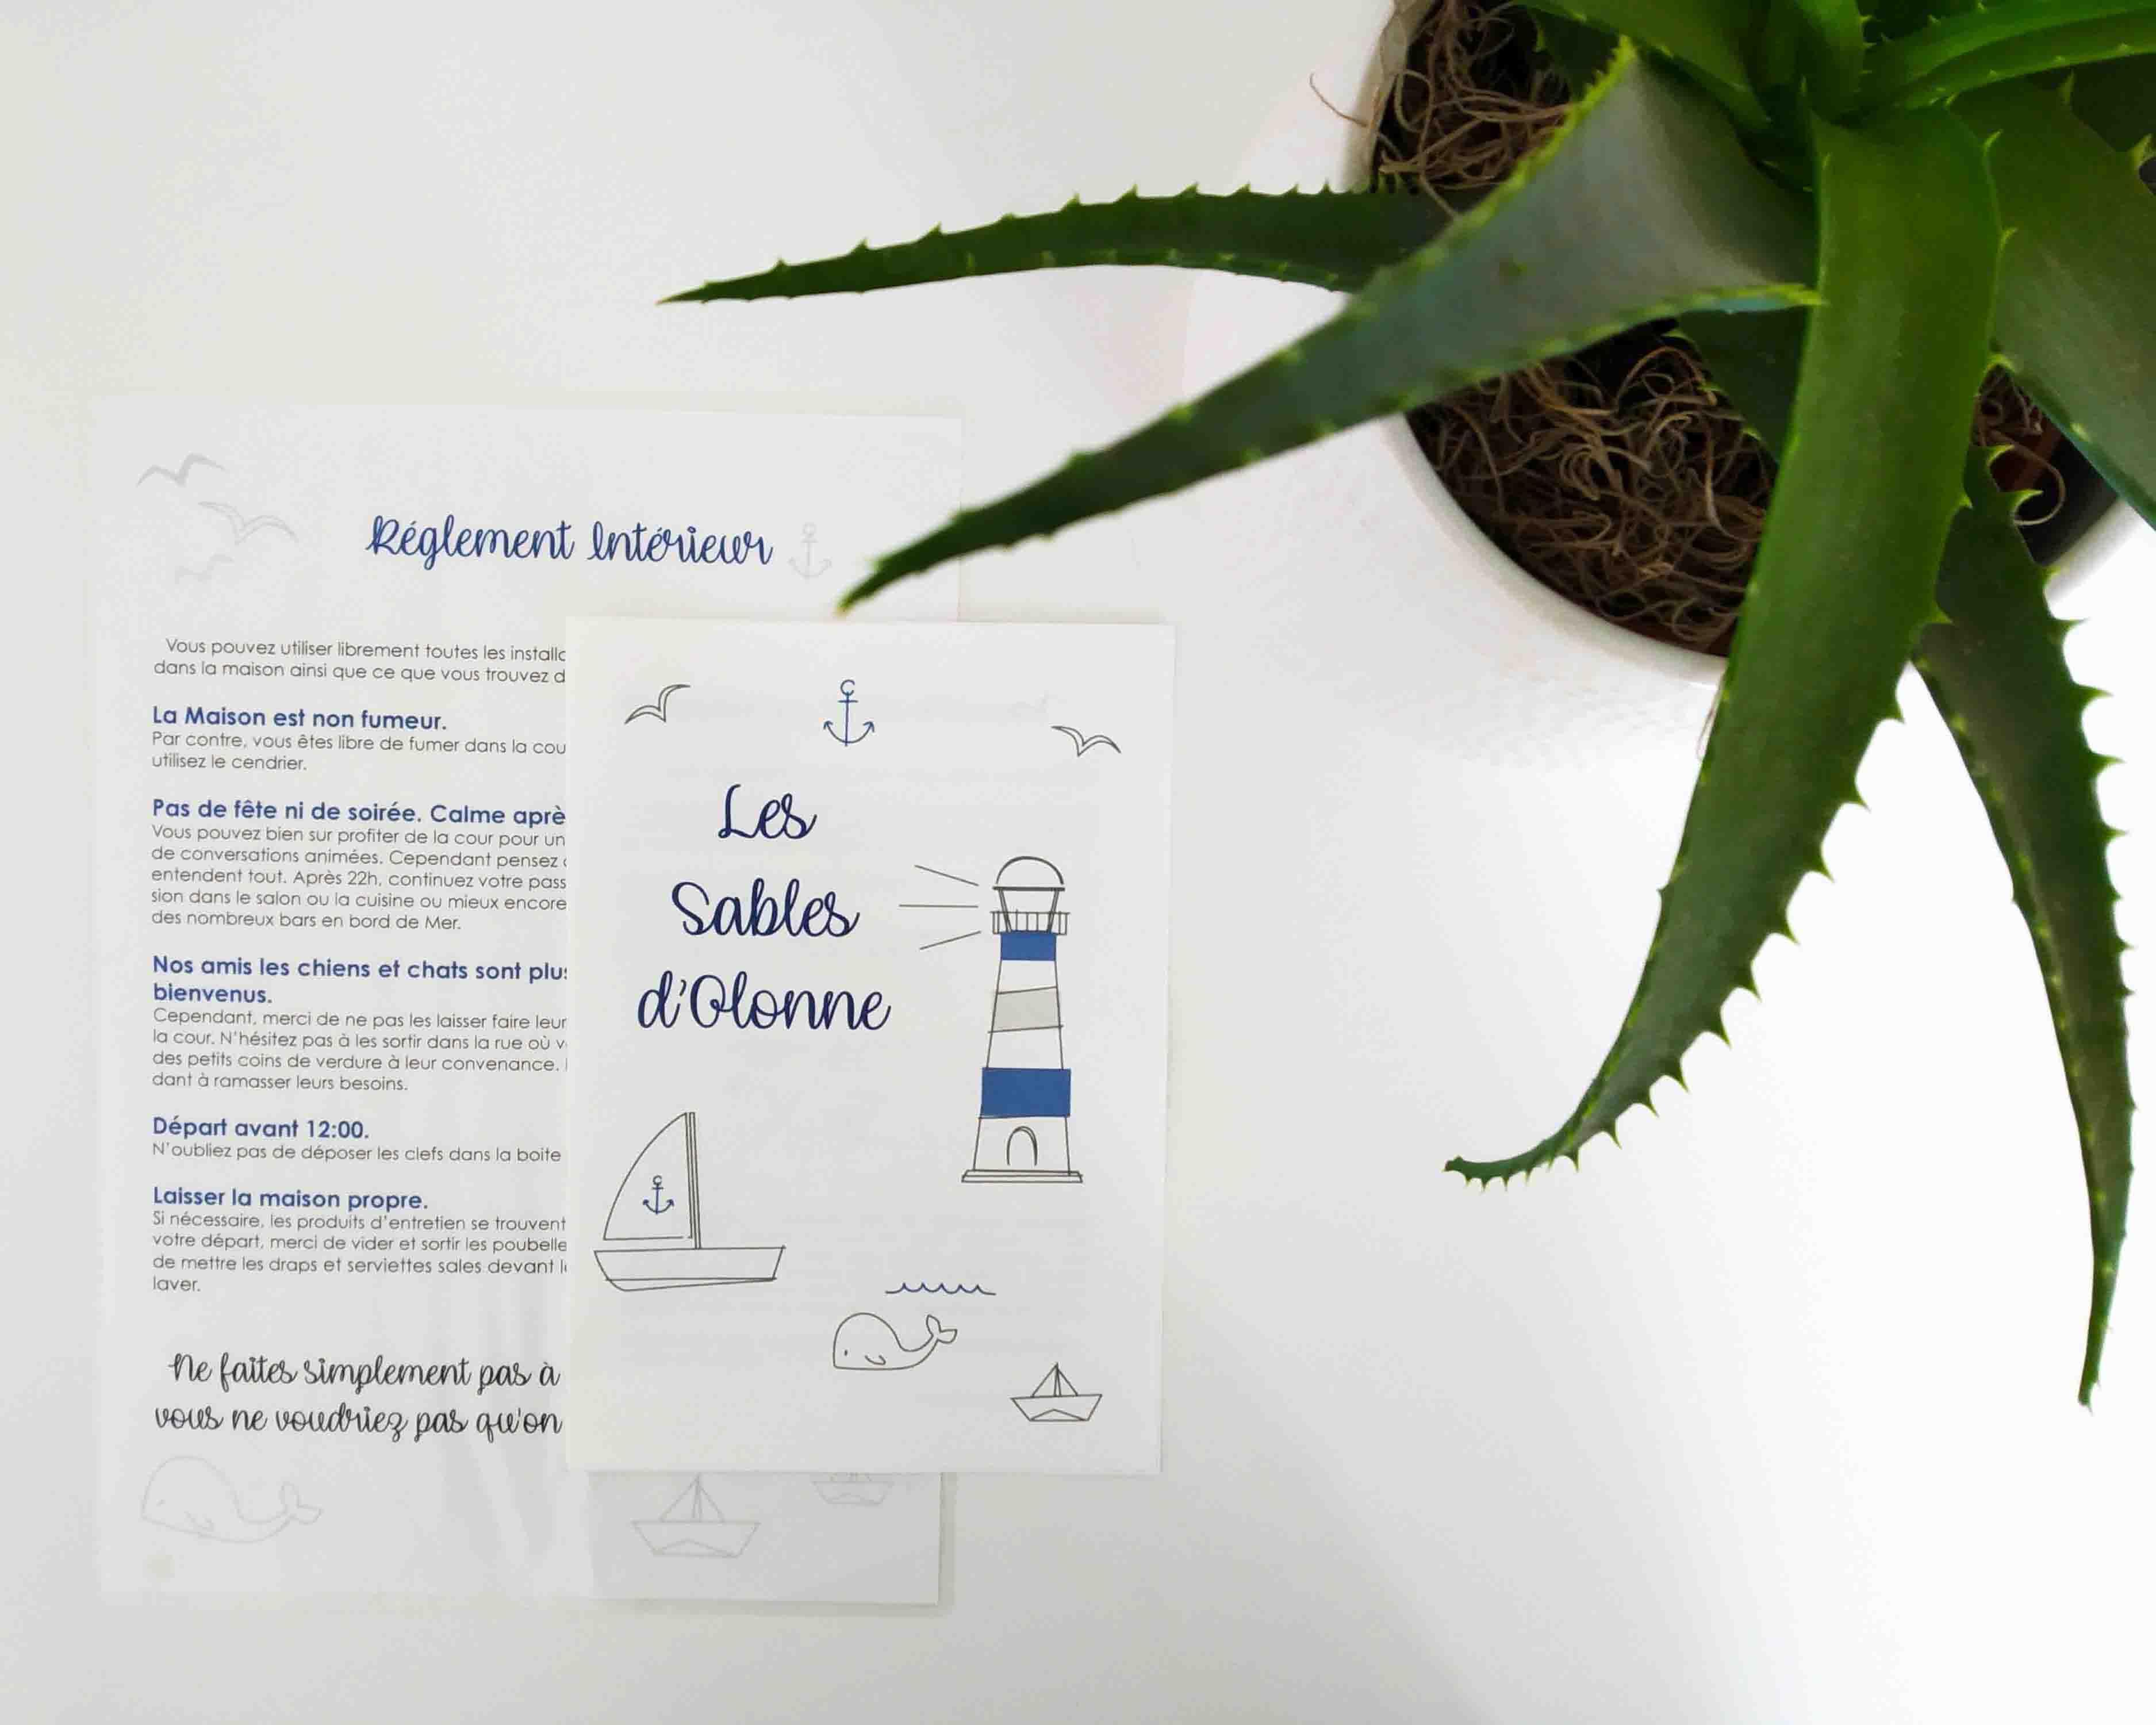 LSO Studio est votre graphiste web pour vos projets d'identité visuelle